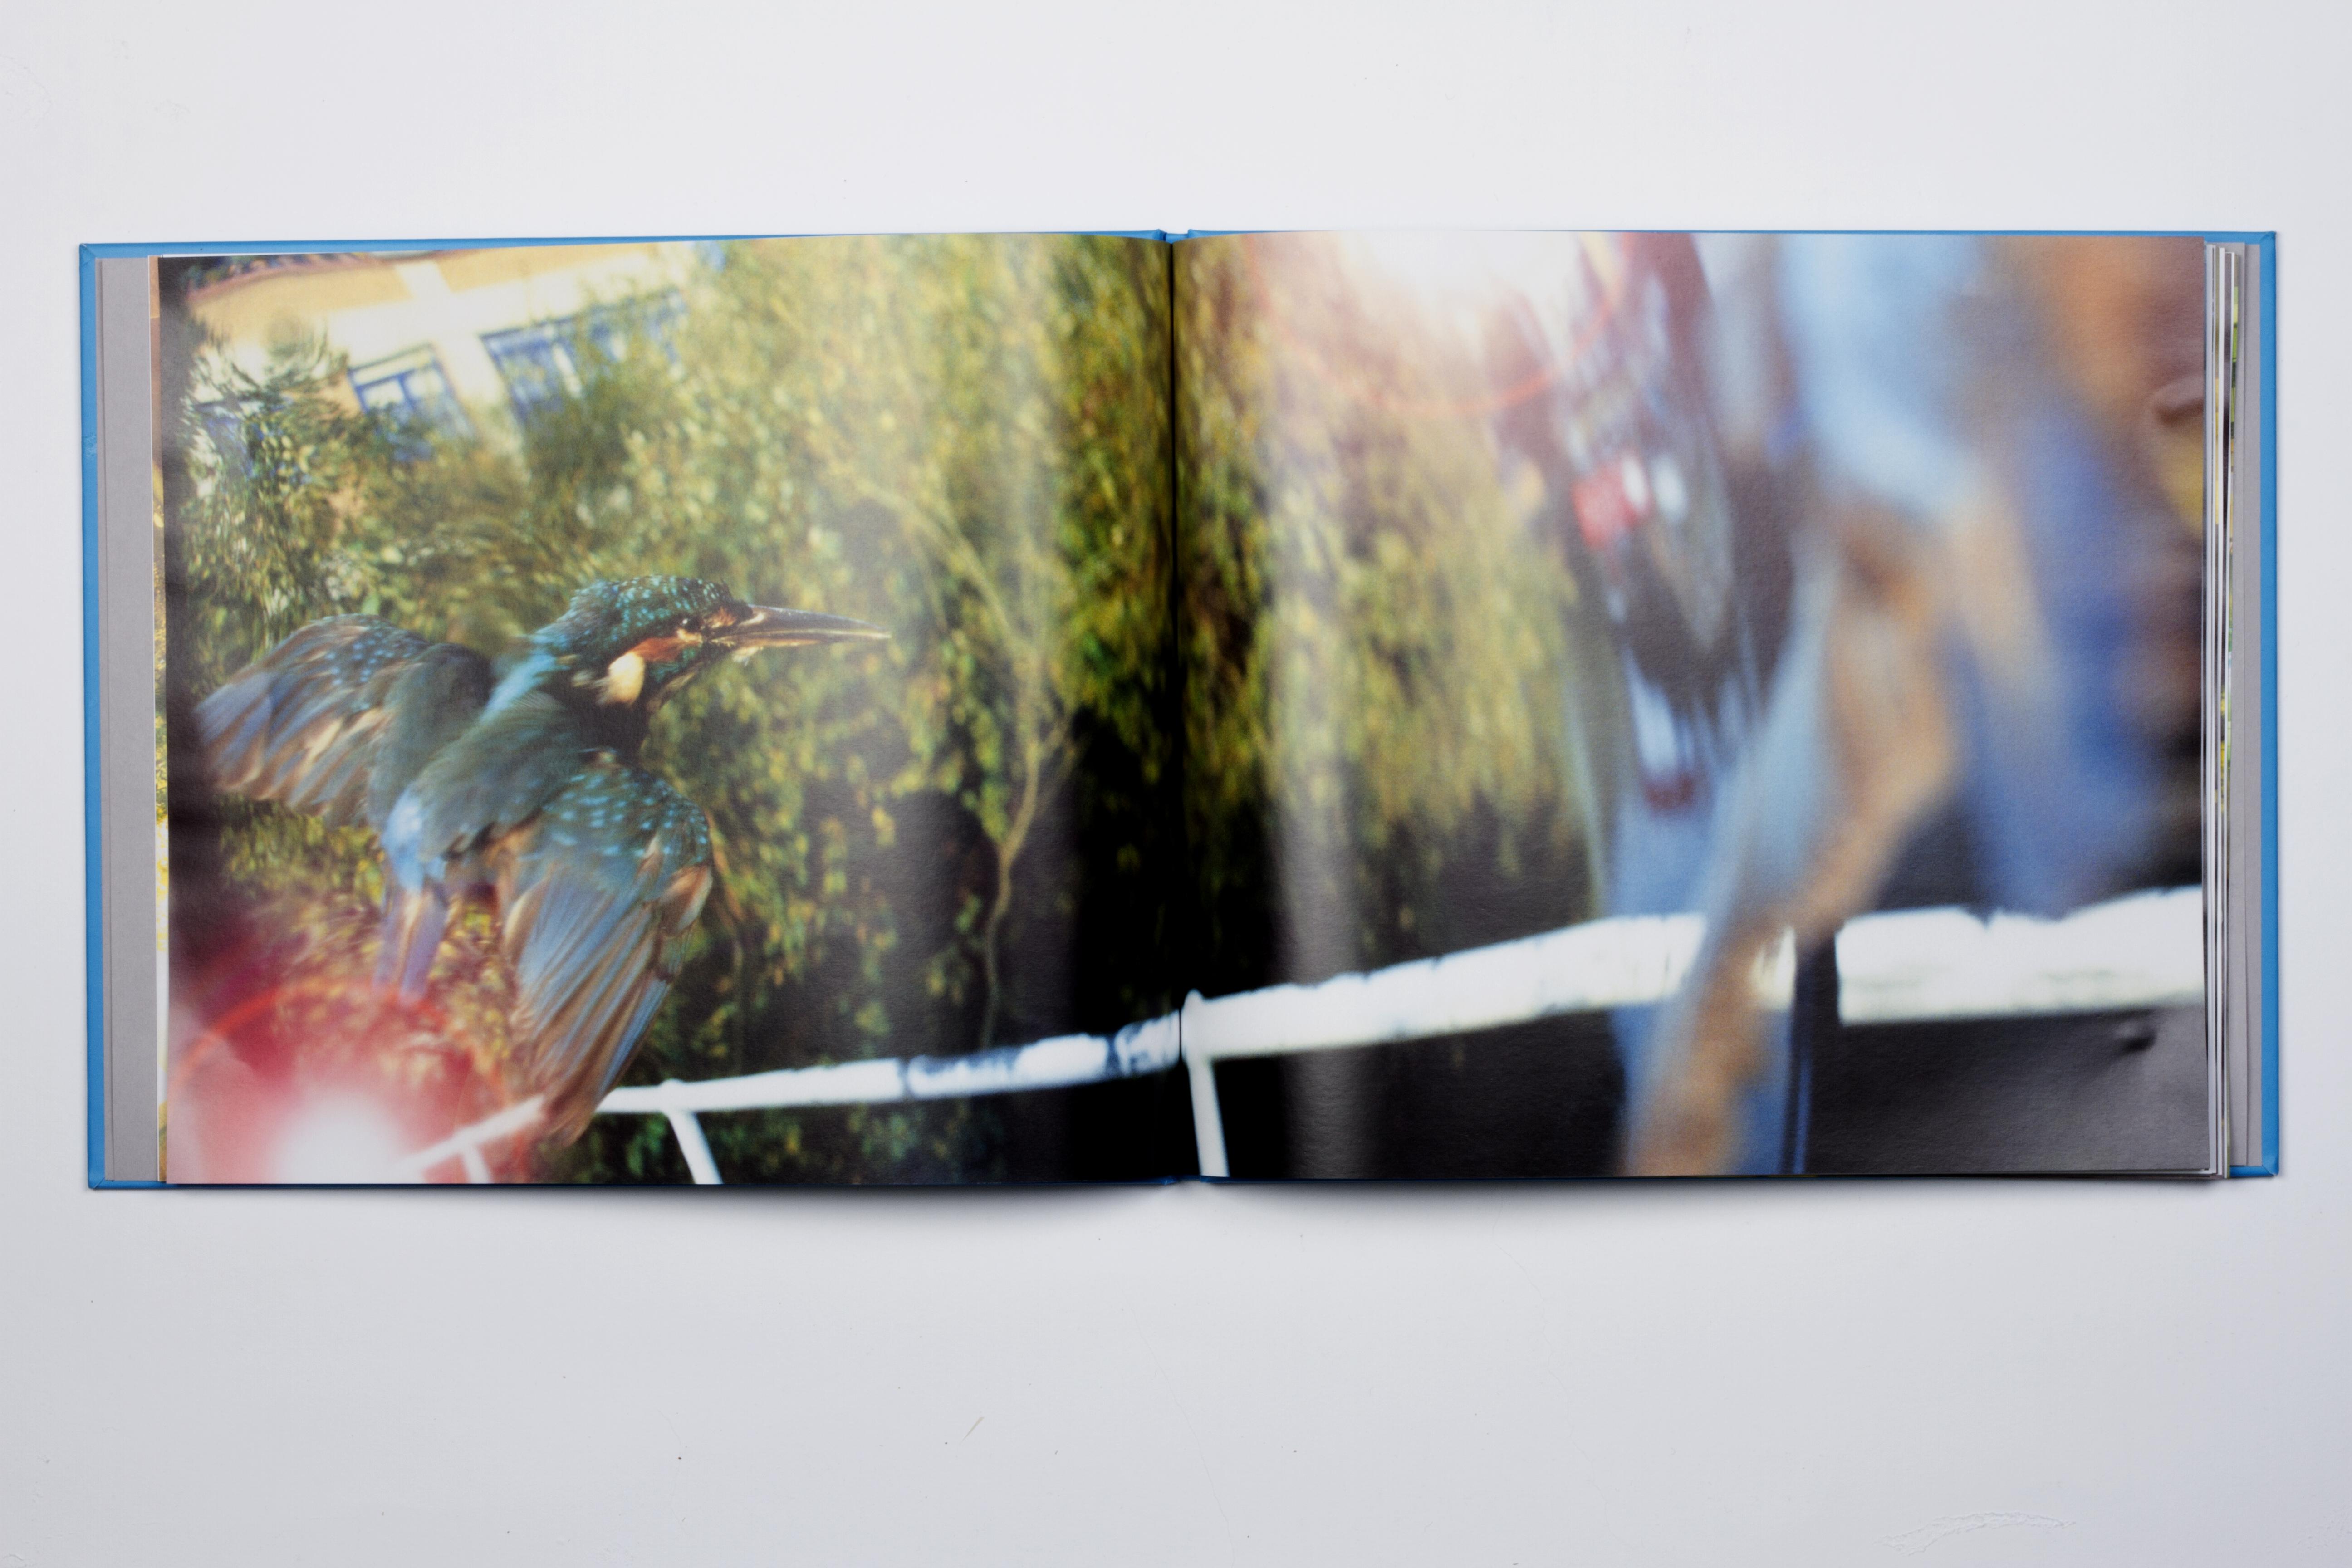 halcyon book spread 1 2015-01-27 01.38.01